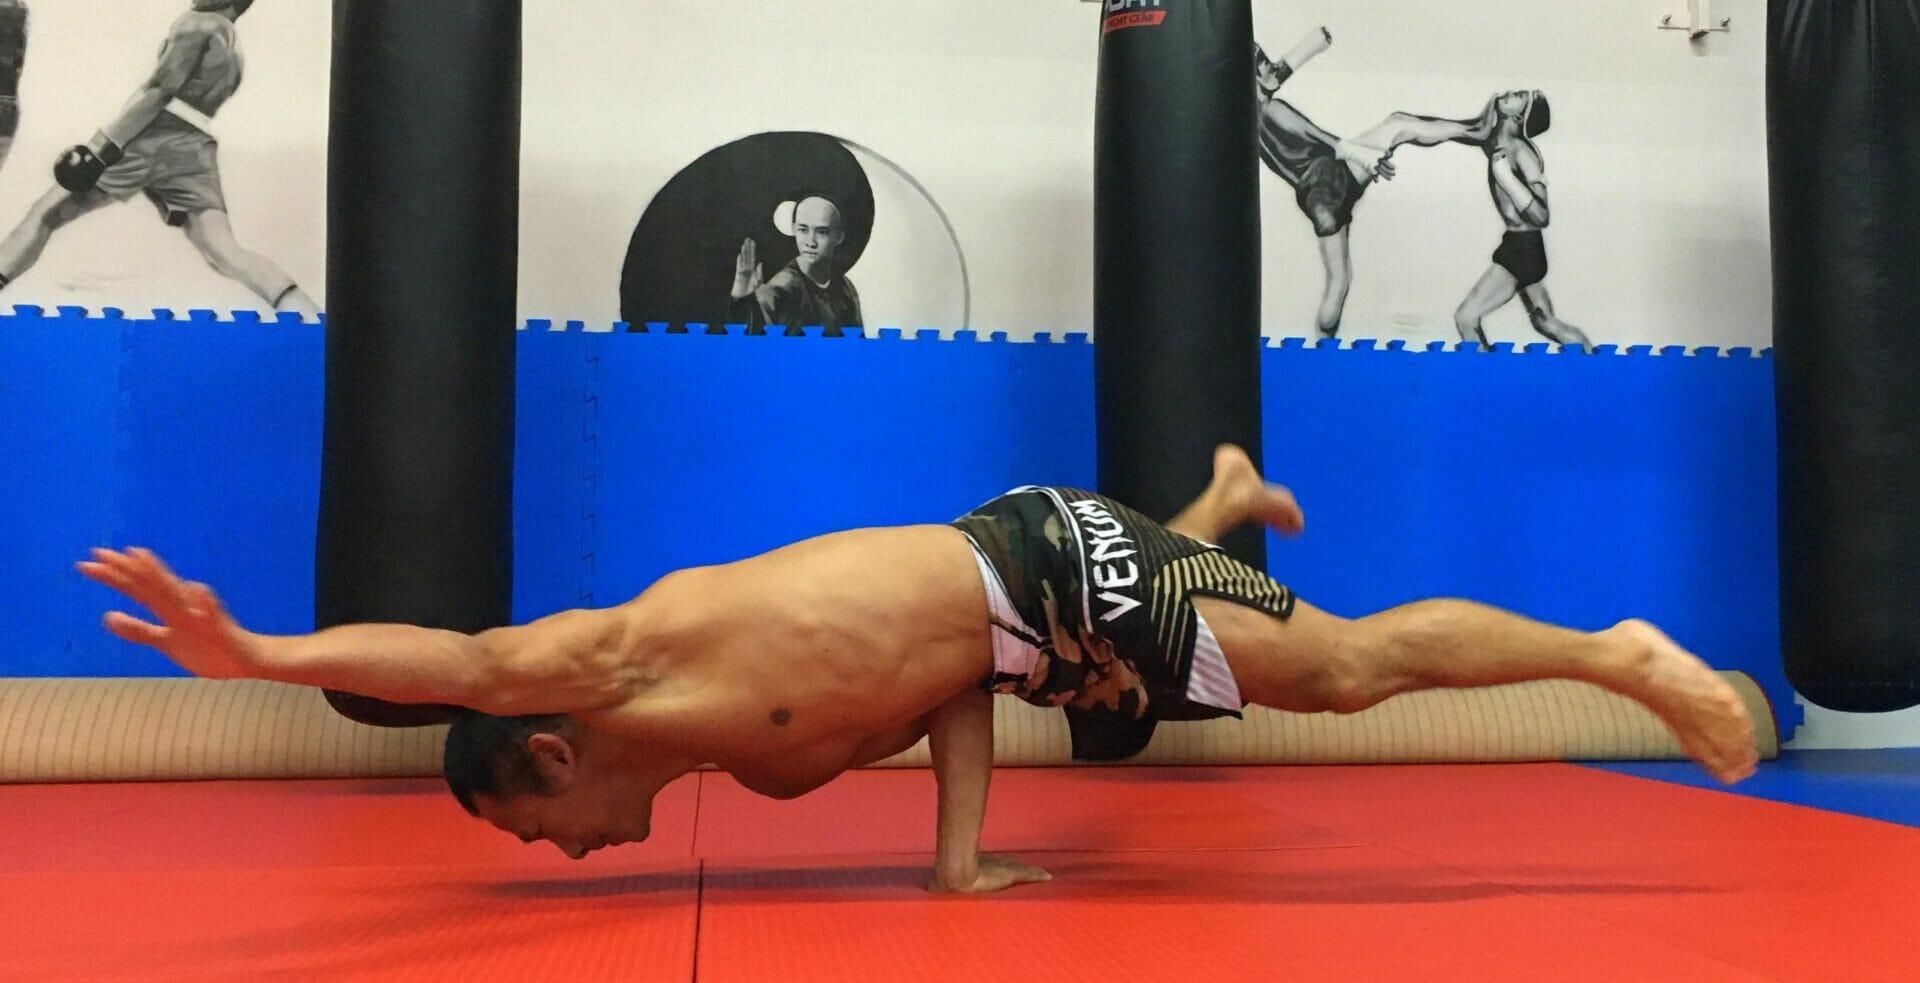 Waarom YOGA goed is voor de MMA , Muay Thai, Boxing, Fitness of Cross Fit sporters.